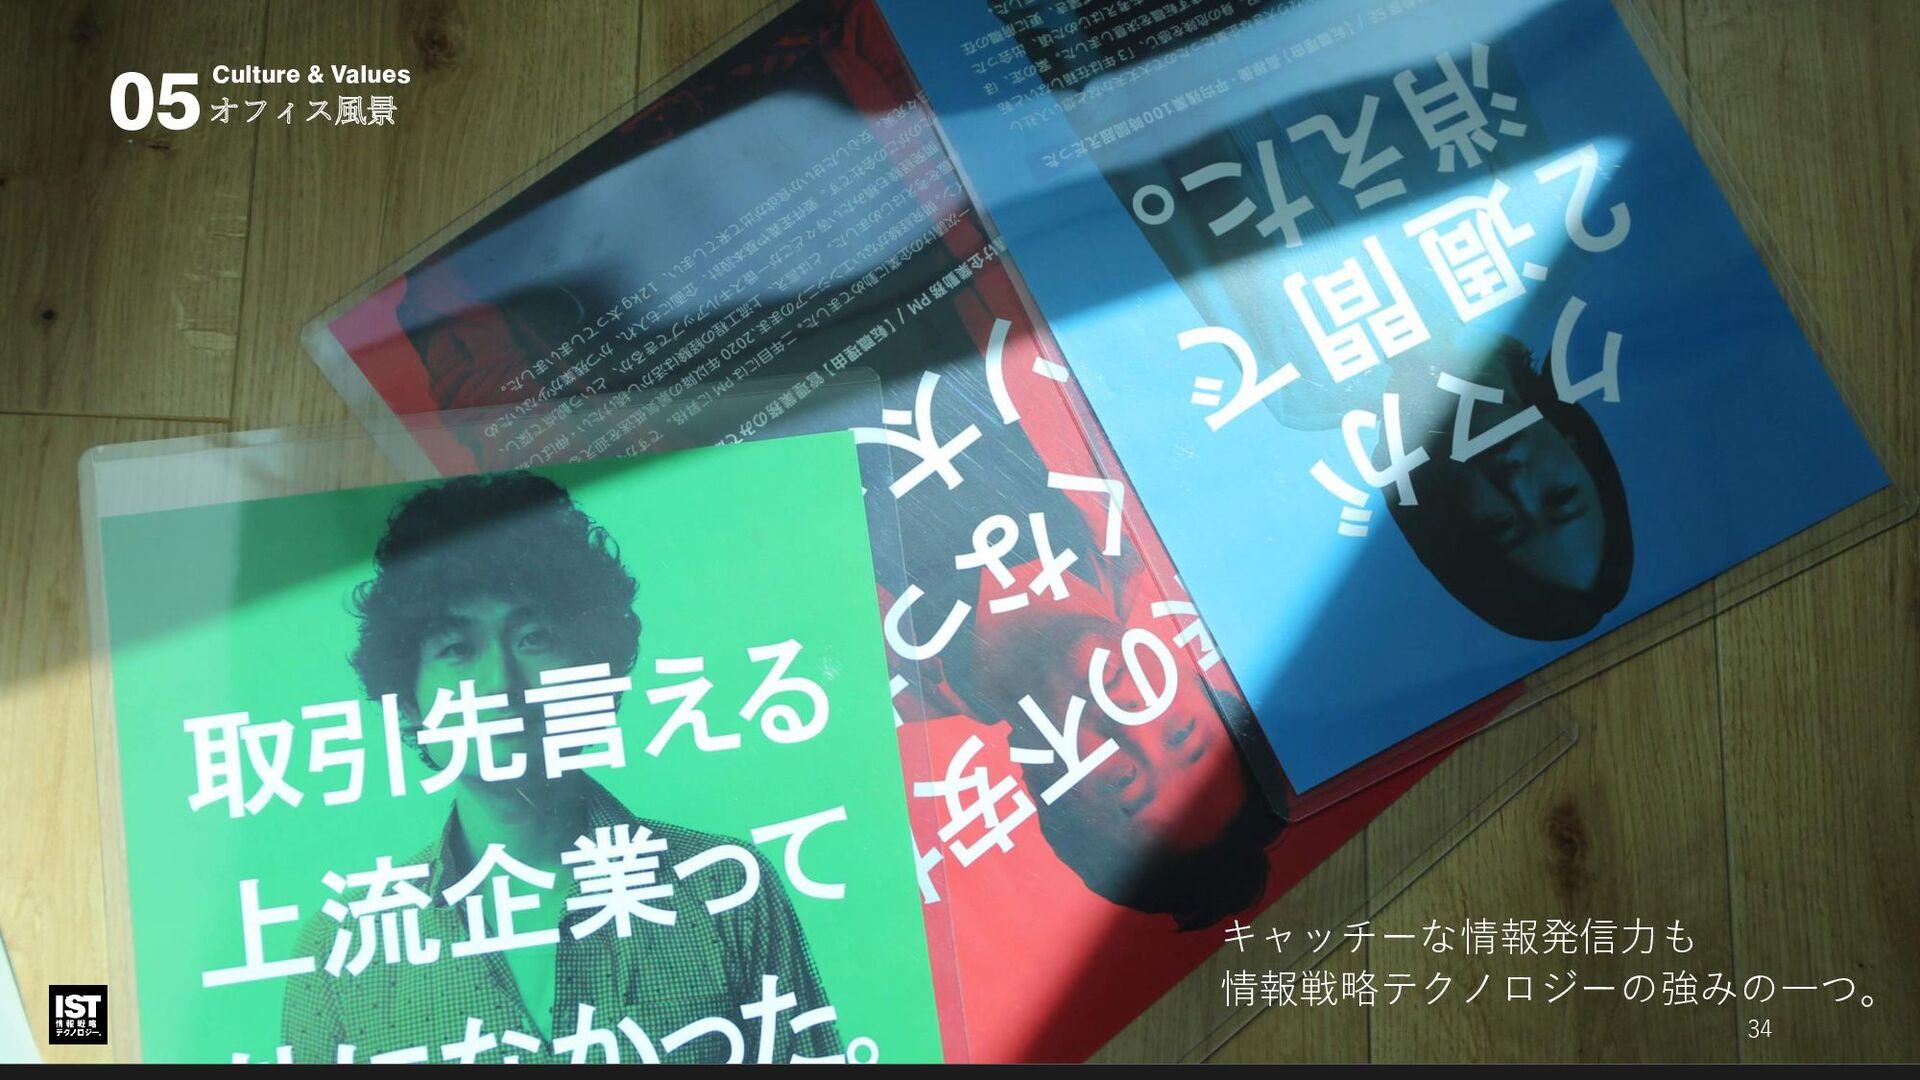 オフィス風景 社風・価値観 05 エントランス。 この階はほぼ全面・会議室スペースです。 34